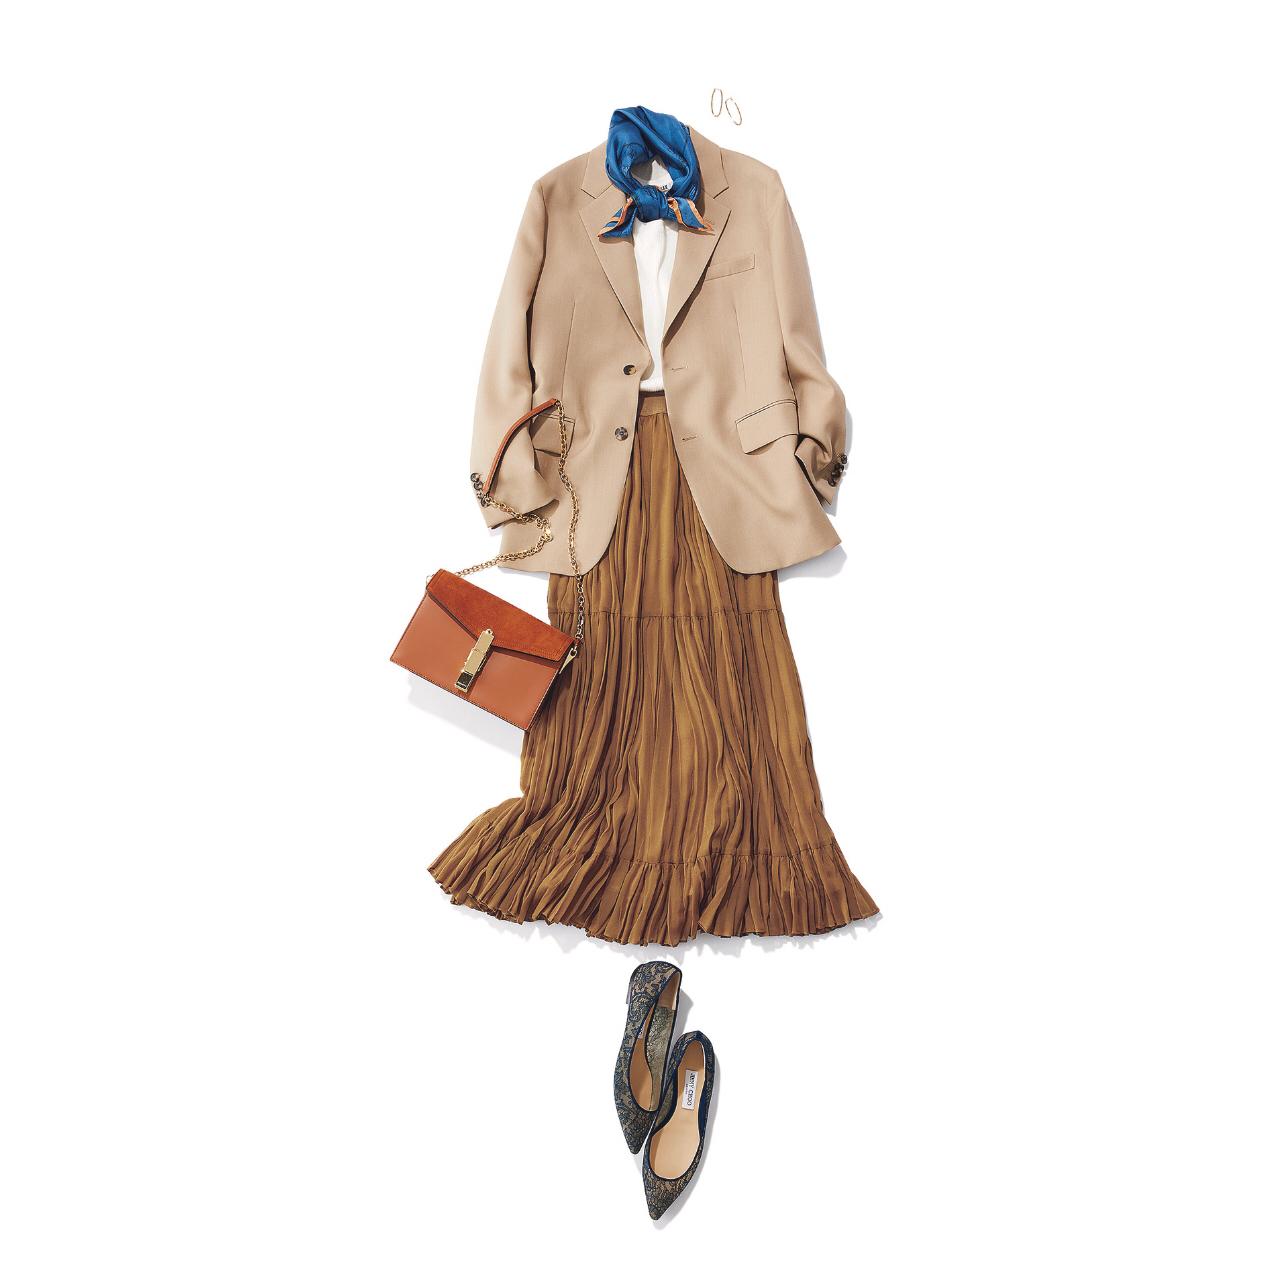 夏のブラウンで品よくこなれる! 大人のプチプラ高見えも叶えるブラウンコーデまとめ 40代ファッション_1_9